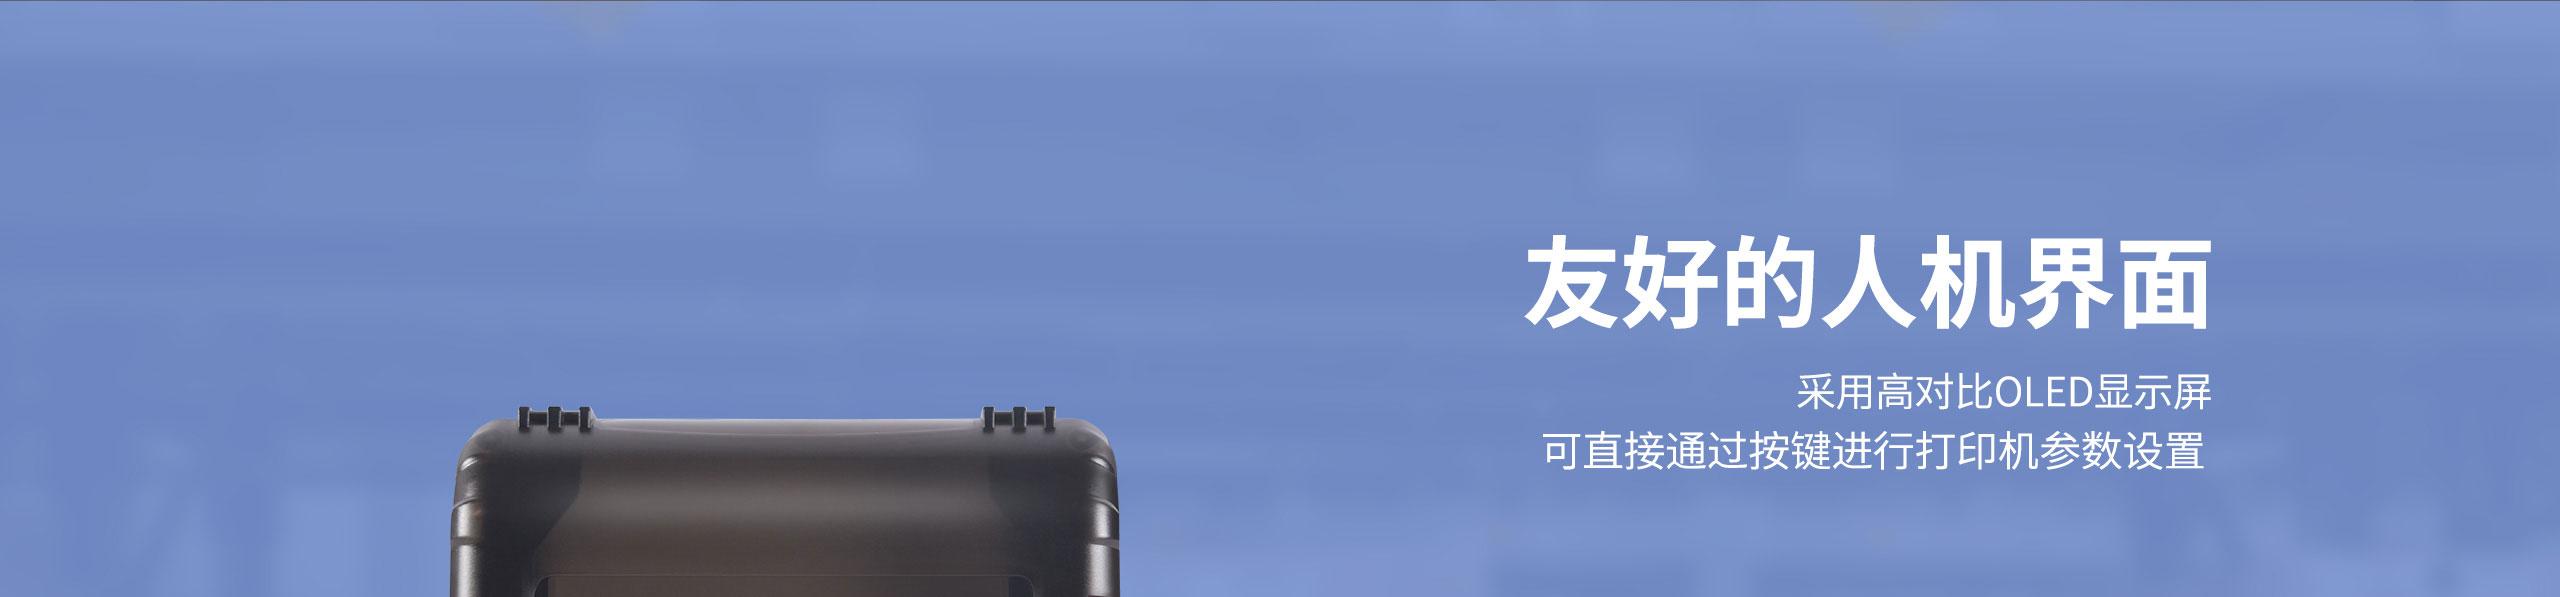 汉印HM-A300便捷式蓝牙打印机  第15张